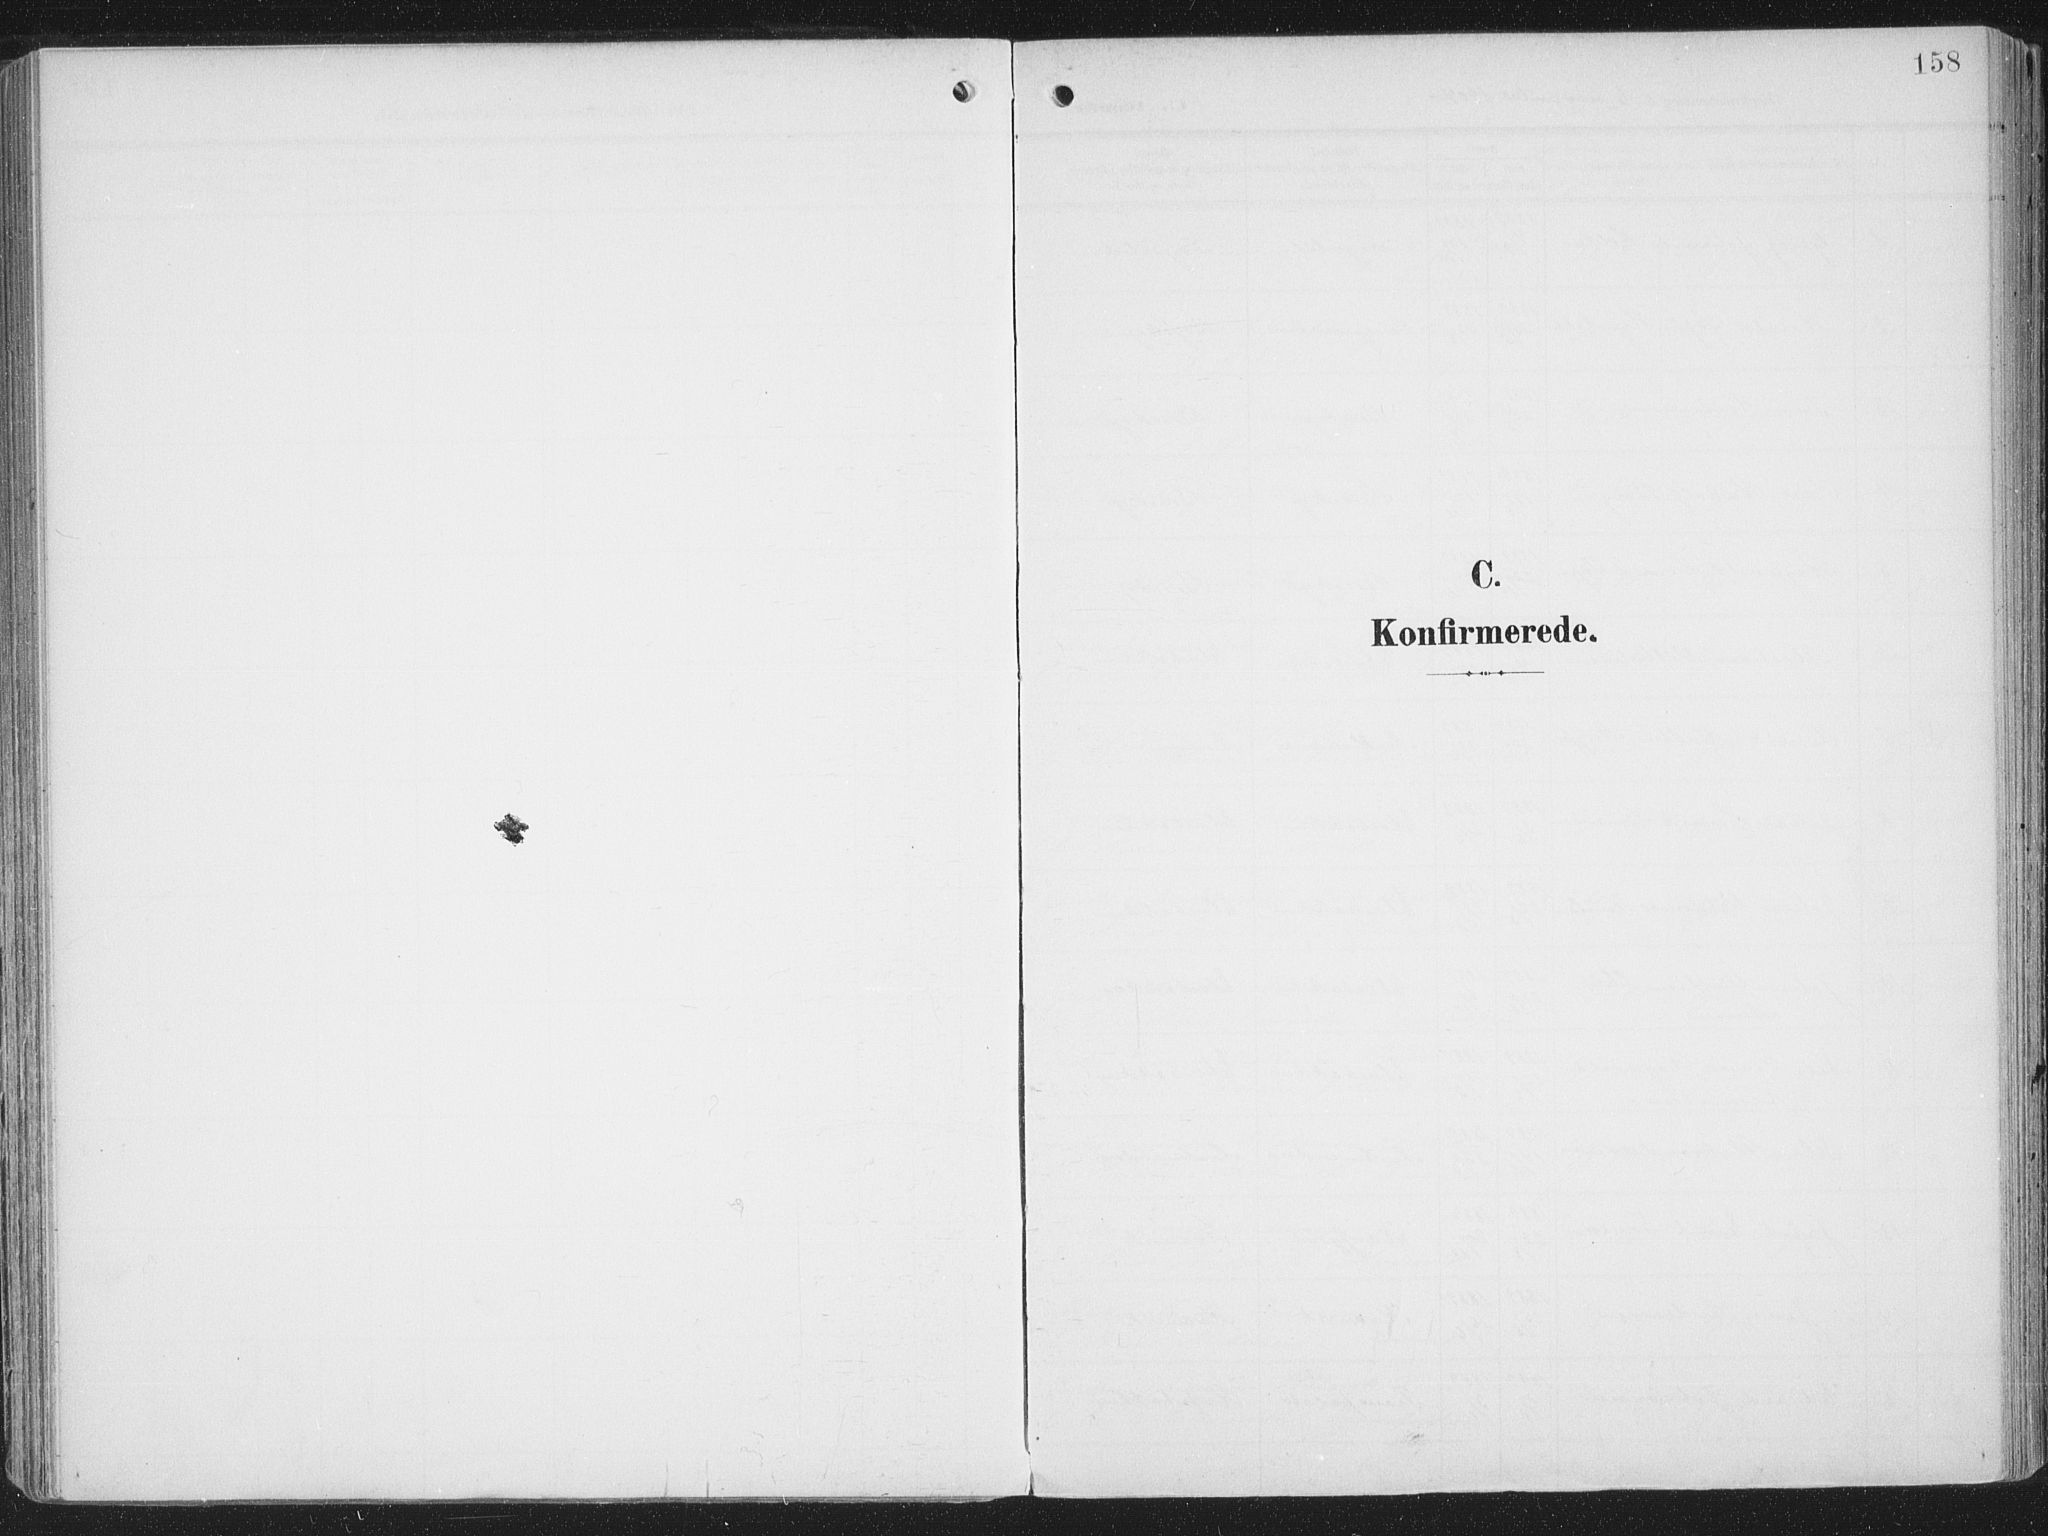 SATØ, Alta sokneprestkontor, H/Ha/L0005.kirke: Ministerialbok nr. 5, 1904-1918, s. 158